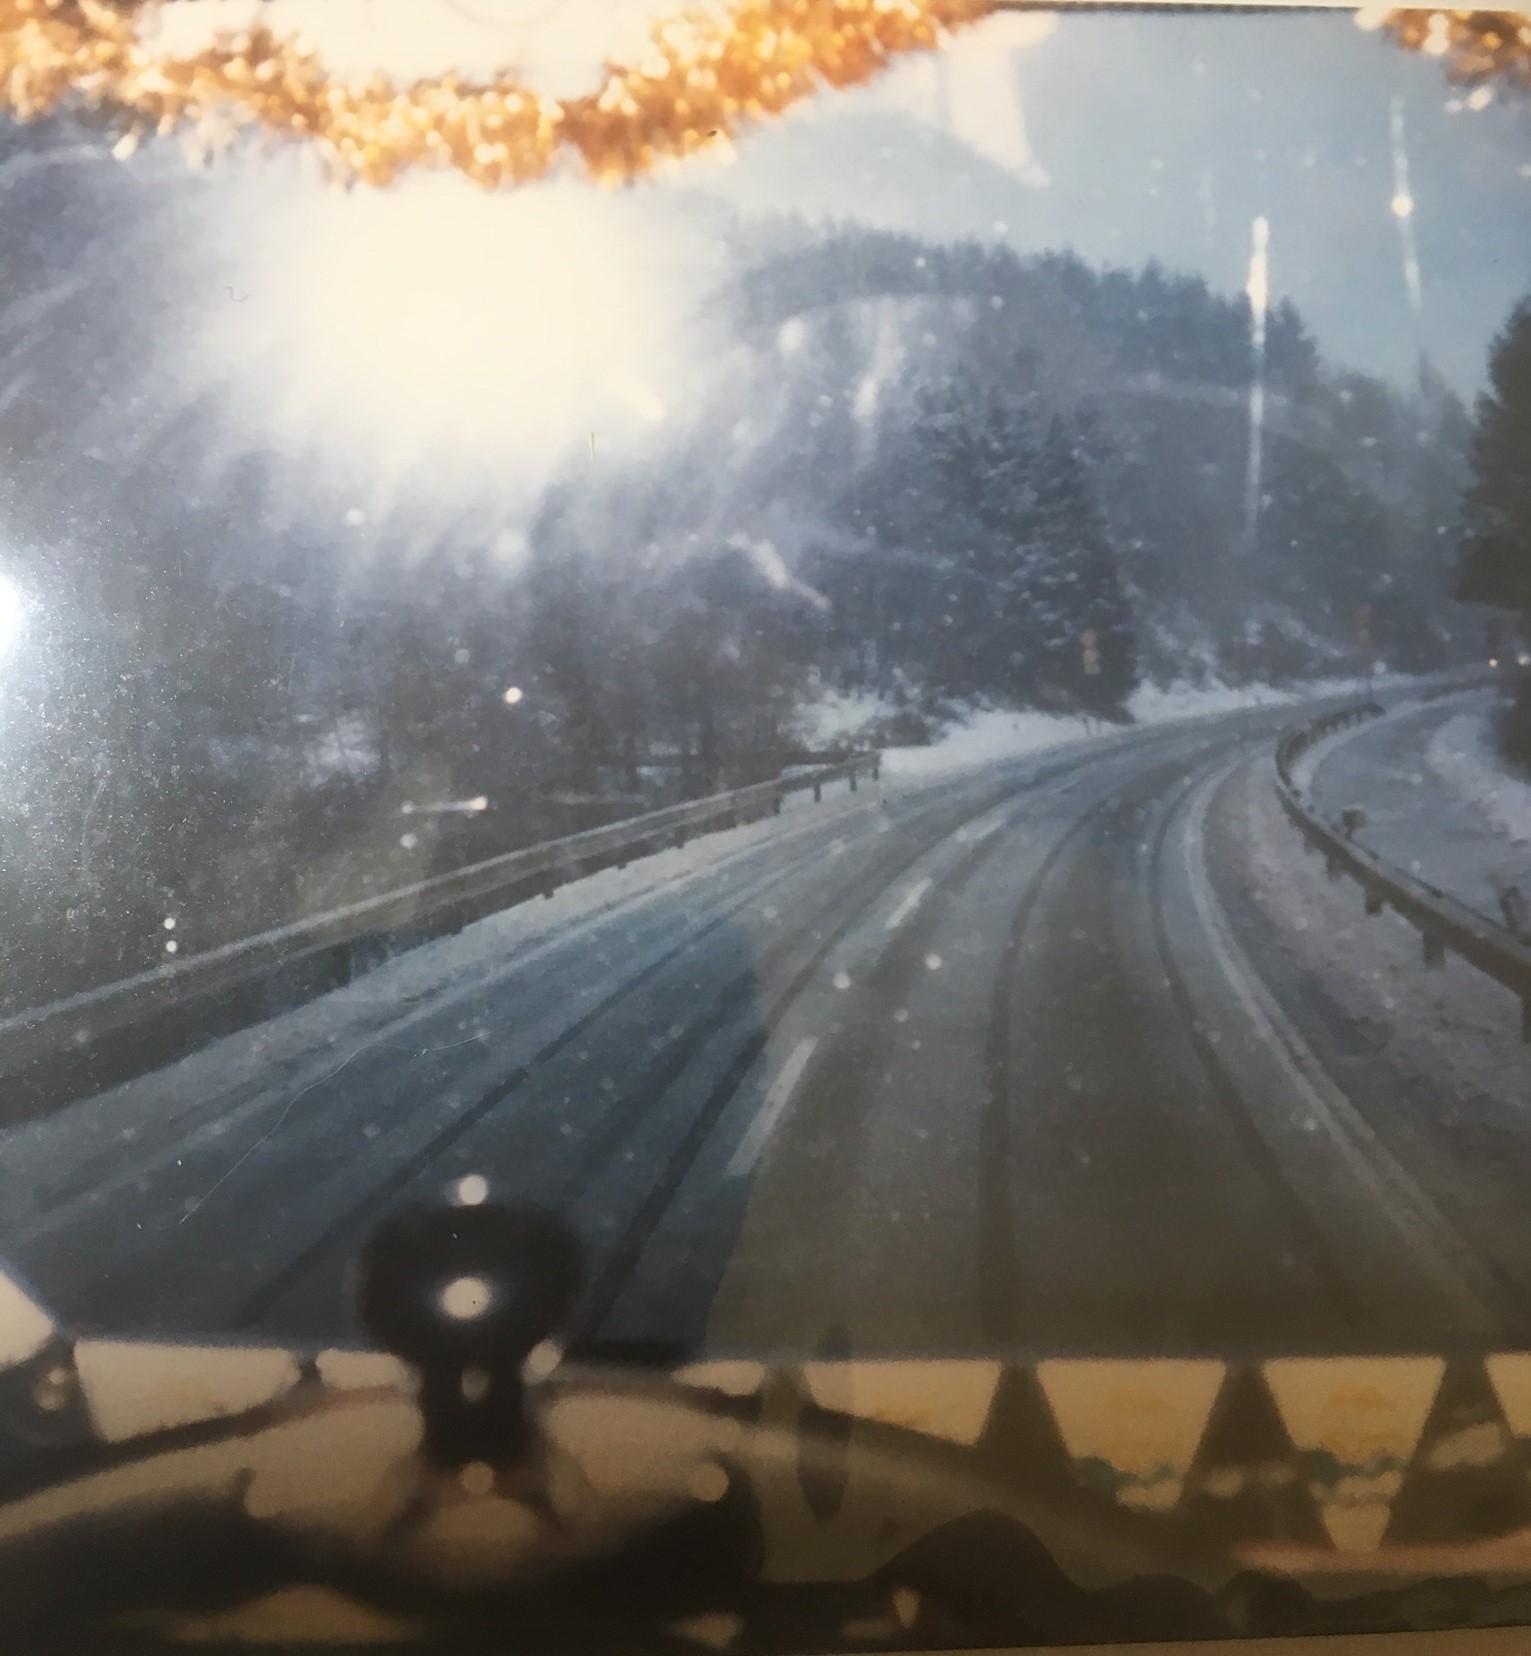 Binnendoor-naar-Attendorn-in-Sauerland--Zo-te-zien-aan-de-slingers-in-kersttijd